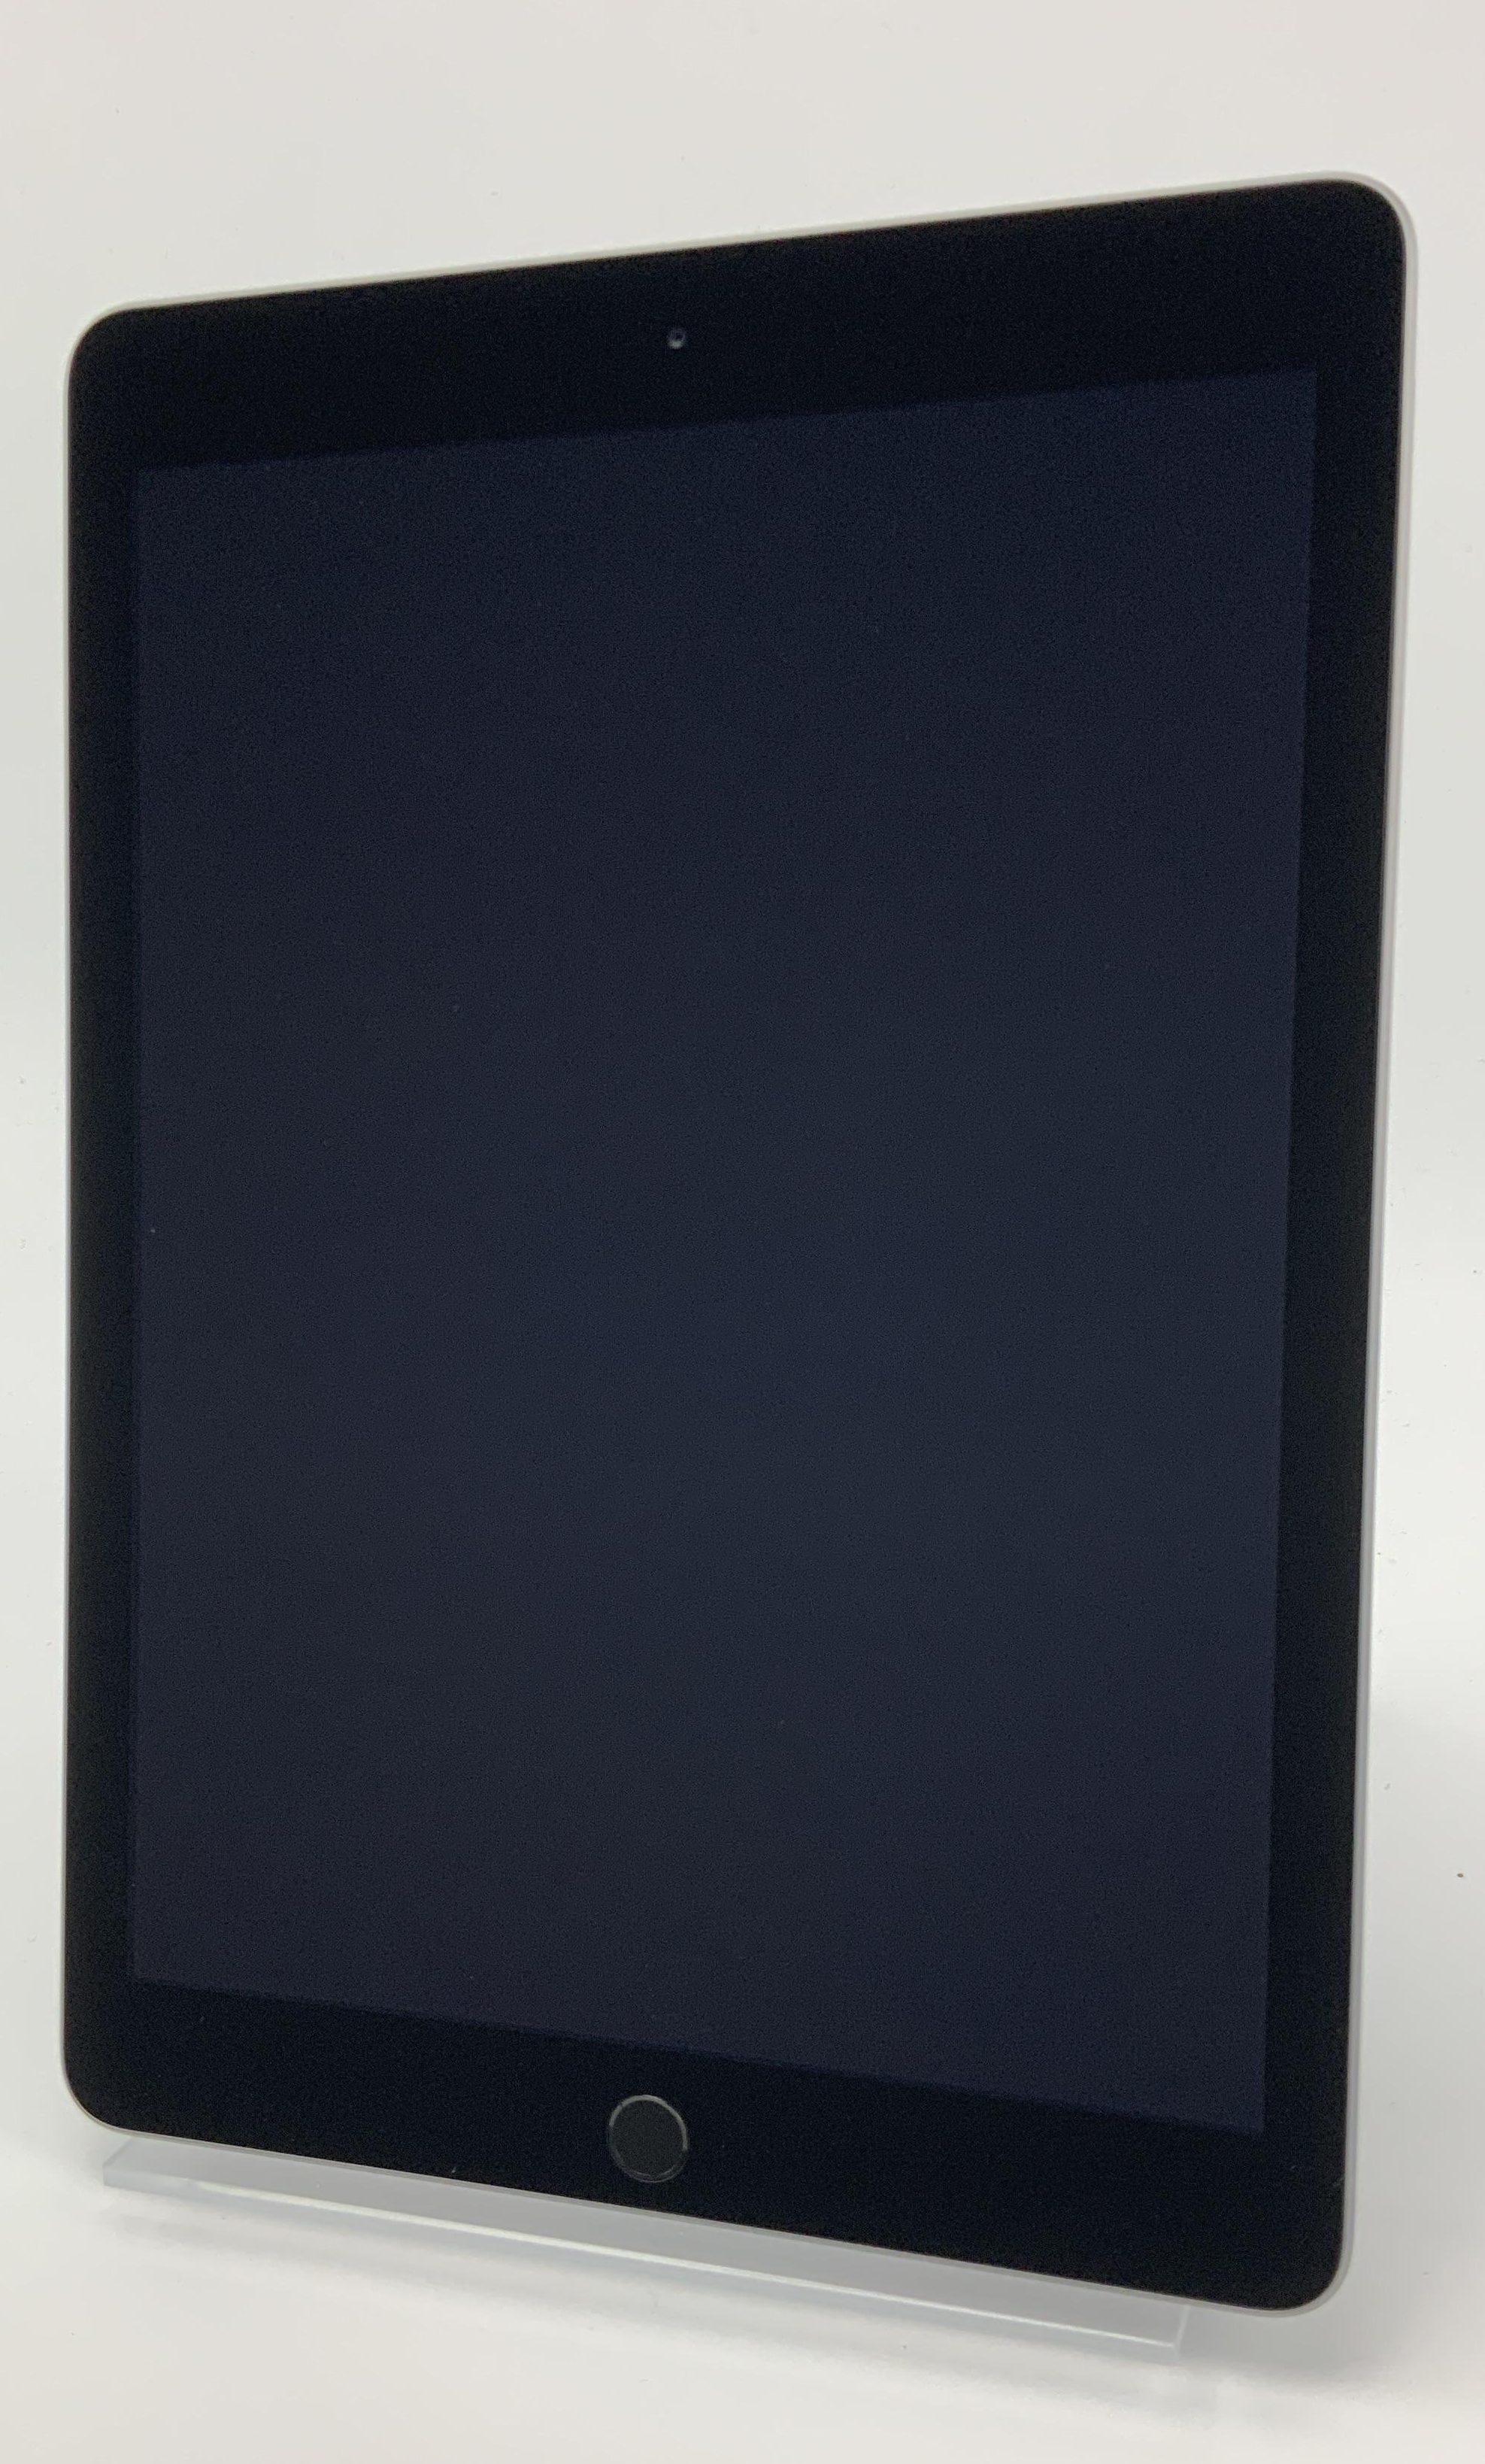 iPad 5 Wi-Fi 128GB, 128GB, Space Gray, image 1